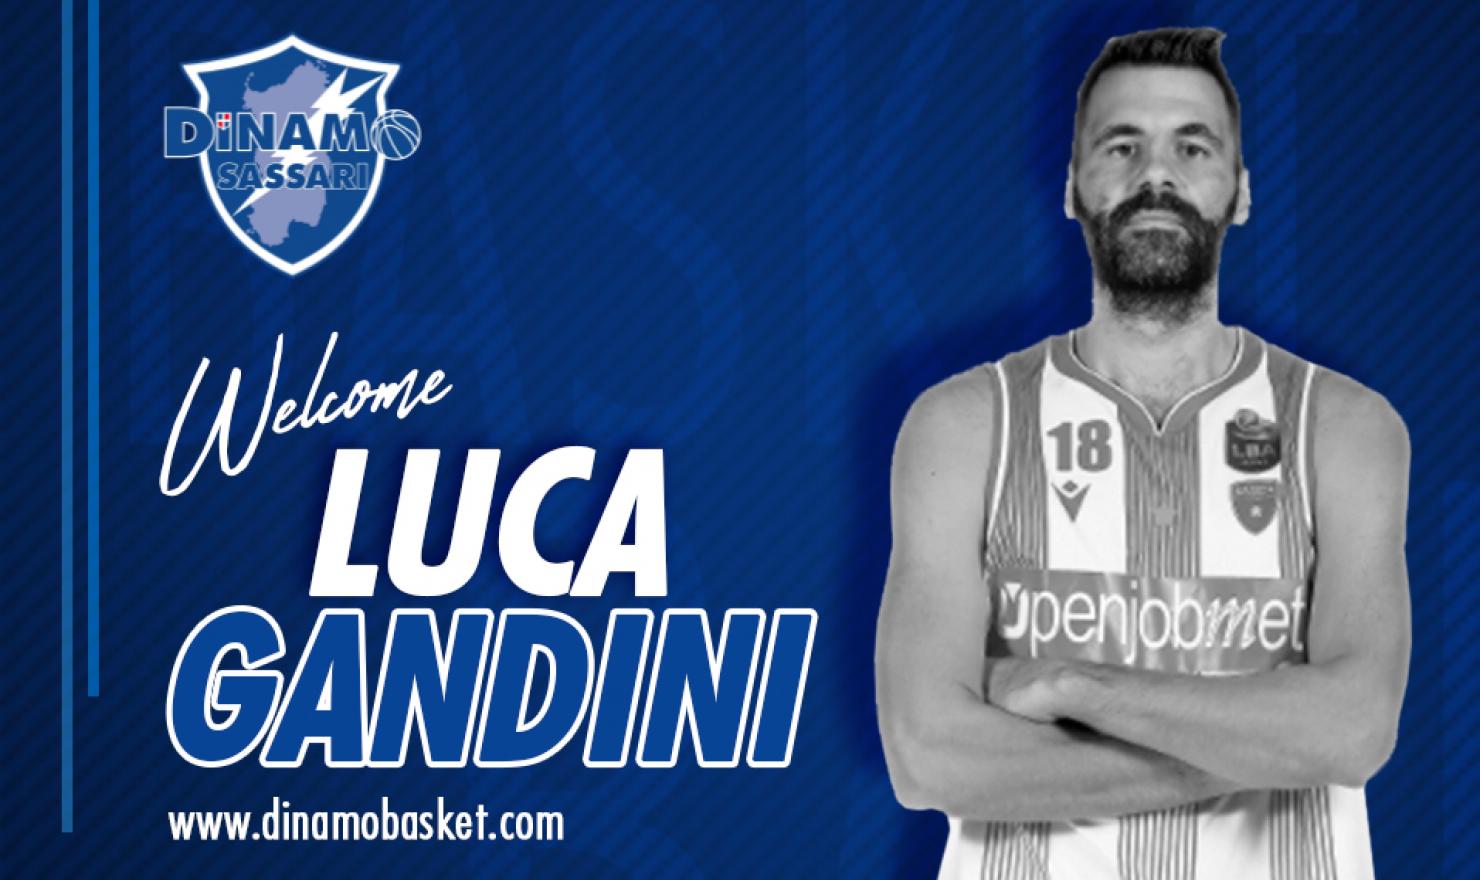 LBA Legabasket 2020-21: Sassari chiude il roster con Luca Gandini, Reggio Emilia ritrova Giordano Consolini e ha l'accordo con Filippo Baldi Rossi, separazione tra Fortitudo e Maarten Leunen